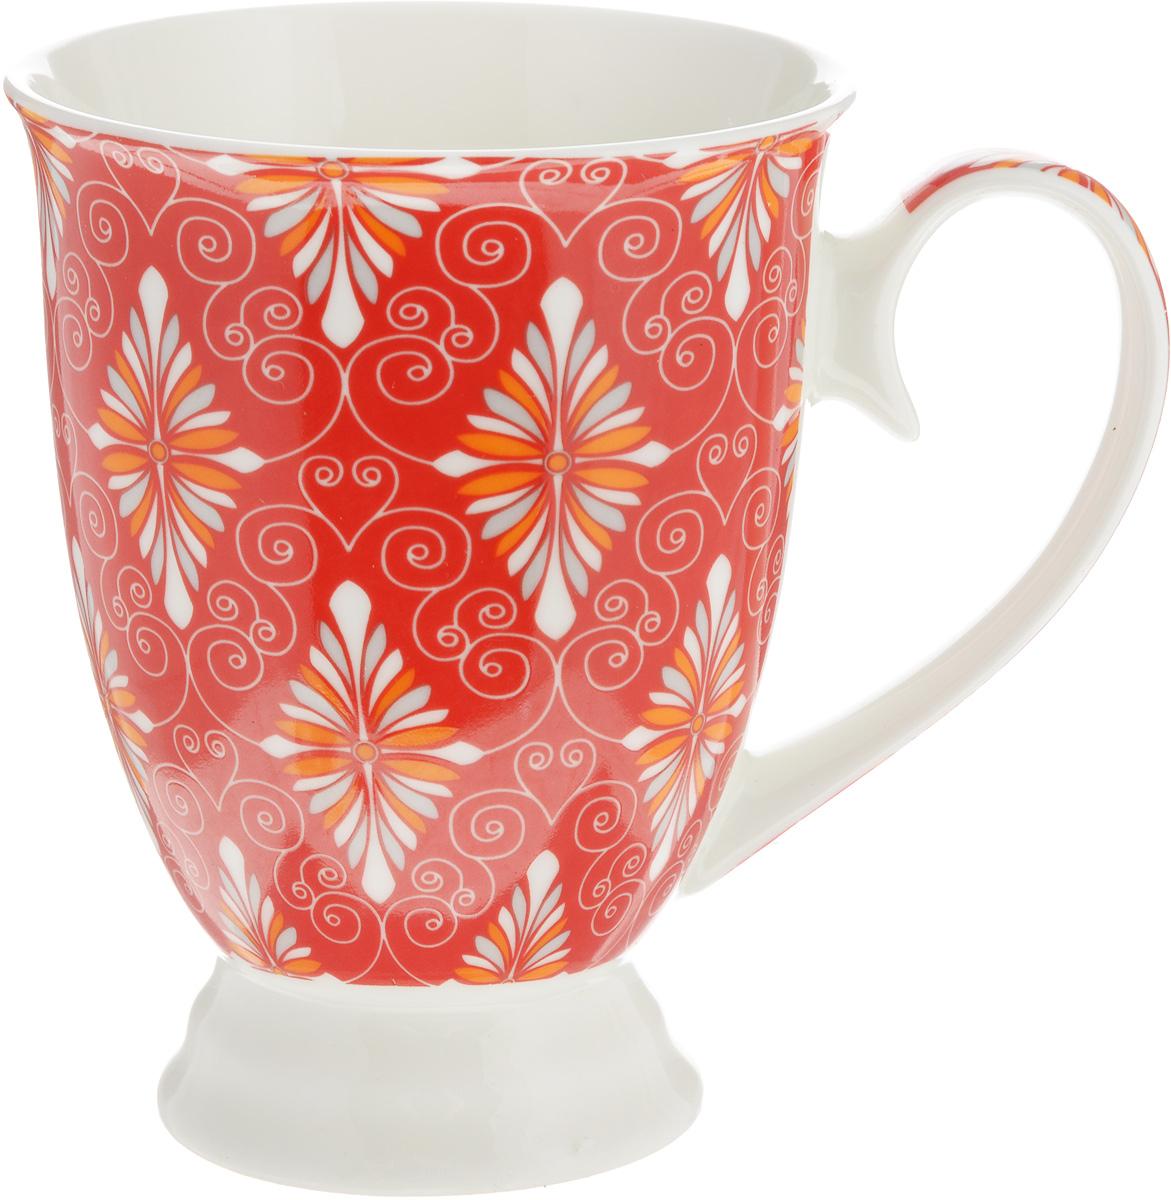 Кружка Lillo Цветочно-ягодный микс, цвет: красный, 250 мл54 009312Кружка Lillo Цветочно-ягодный микс выполнена из высококачественной керамики с глазурованным покрытием. С внешней стороны изделие декорировано красочным рисунком. Такая кружка станет приятным подарком и согреет вас холодными вечерами. Диаметр (по верхнему краю): 8 см.Высота кружки: 10,5 см.